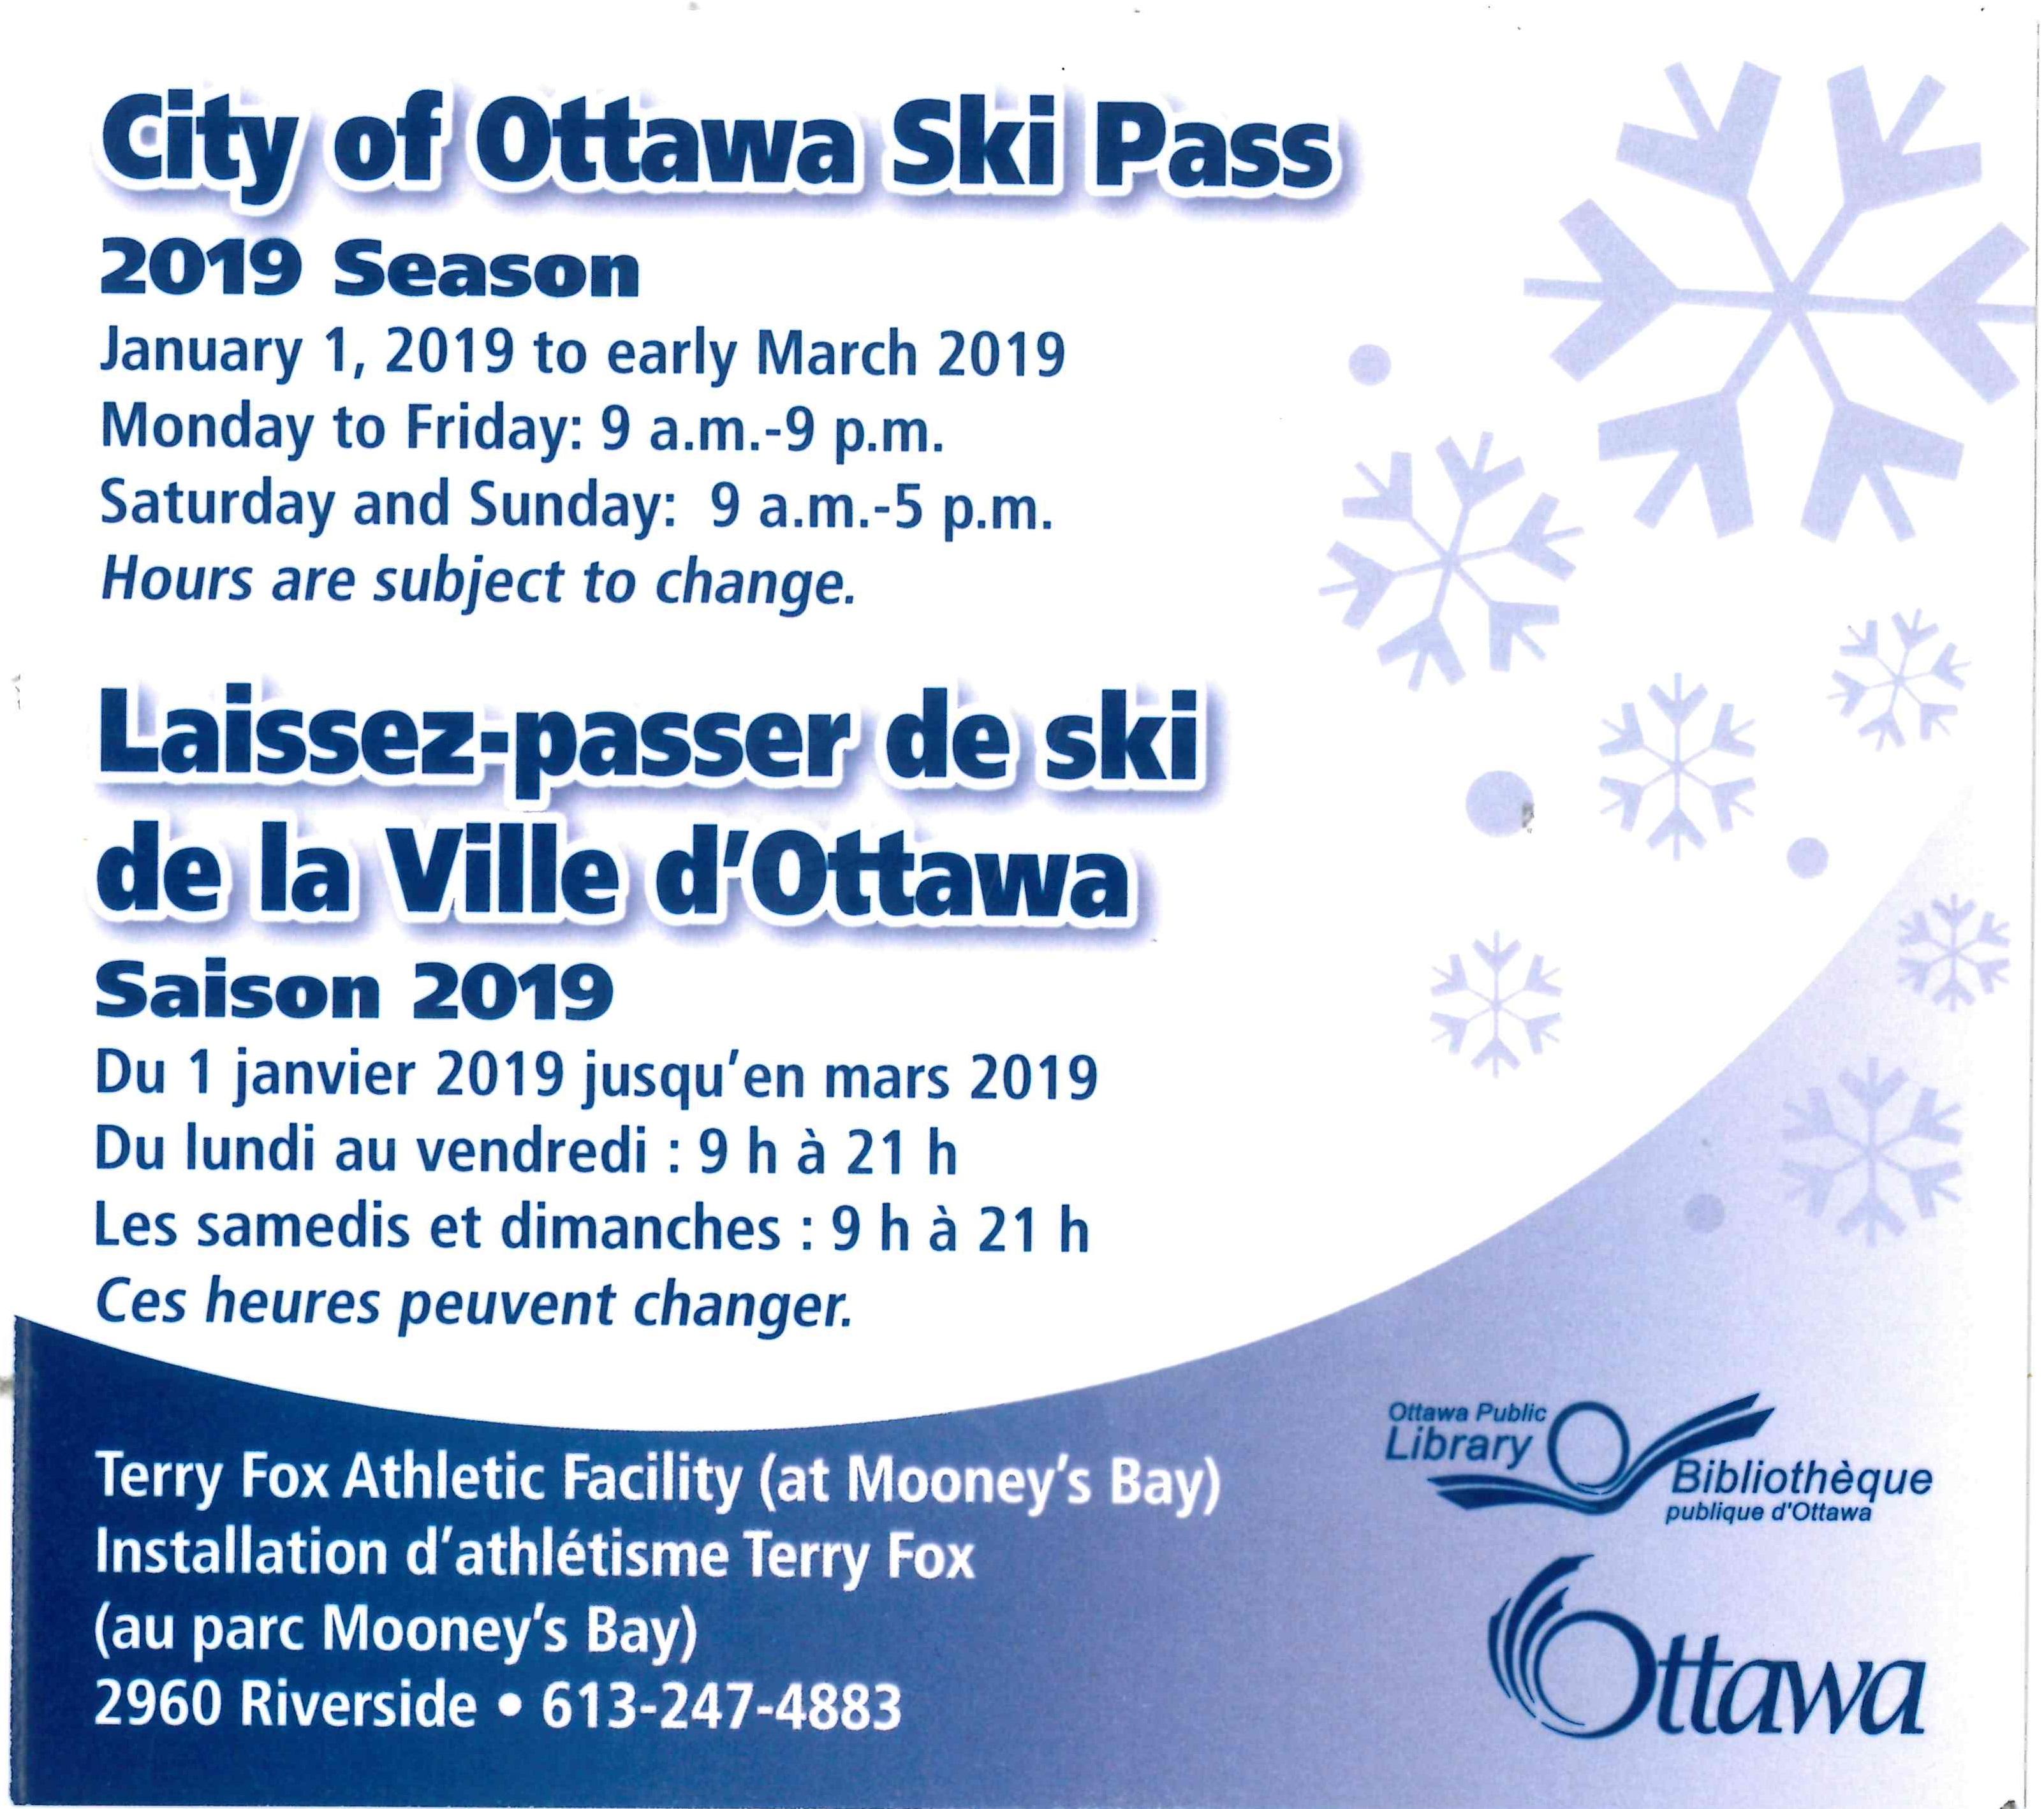 City of Ottawa Ski Pass